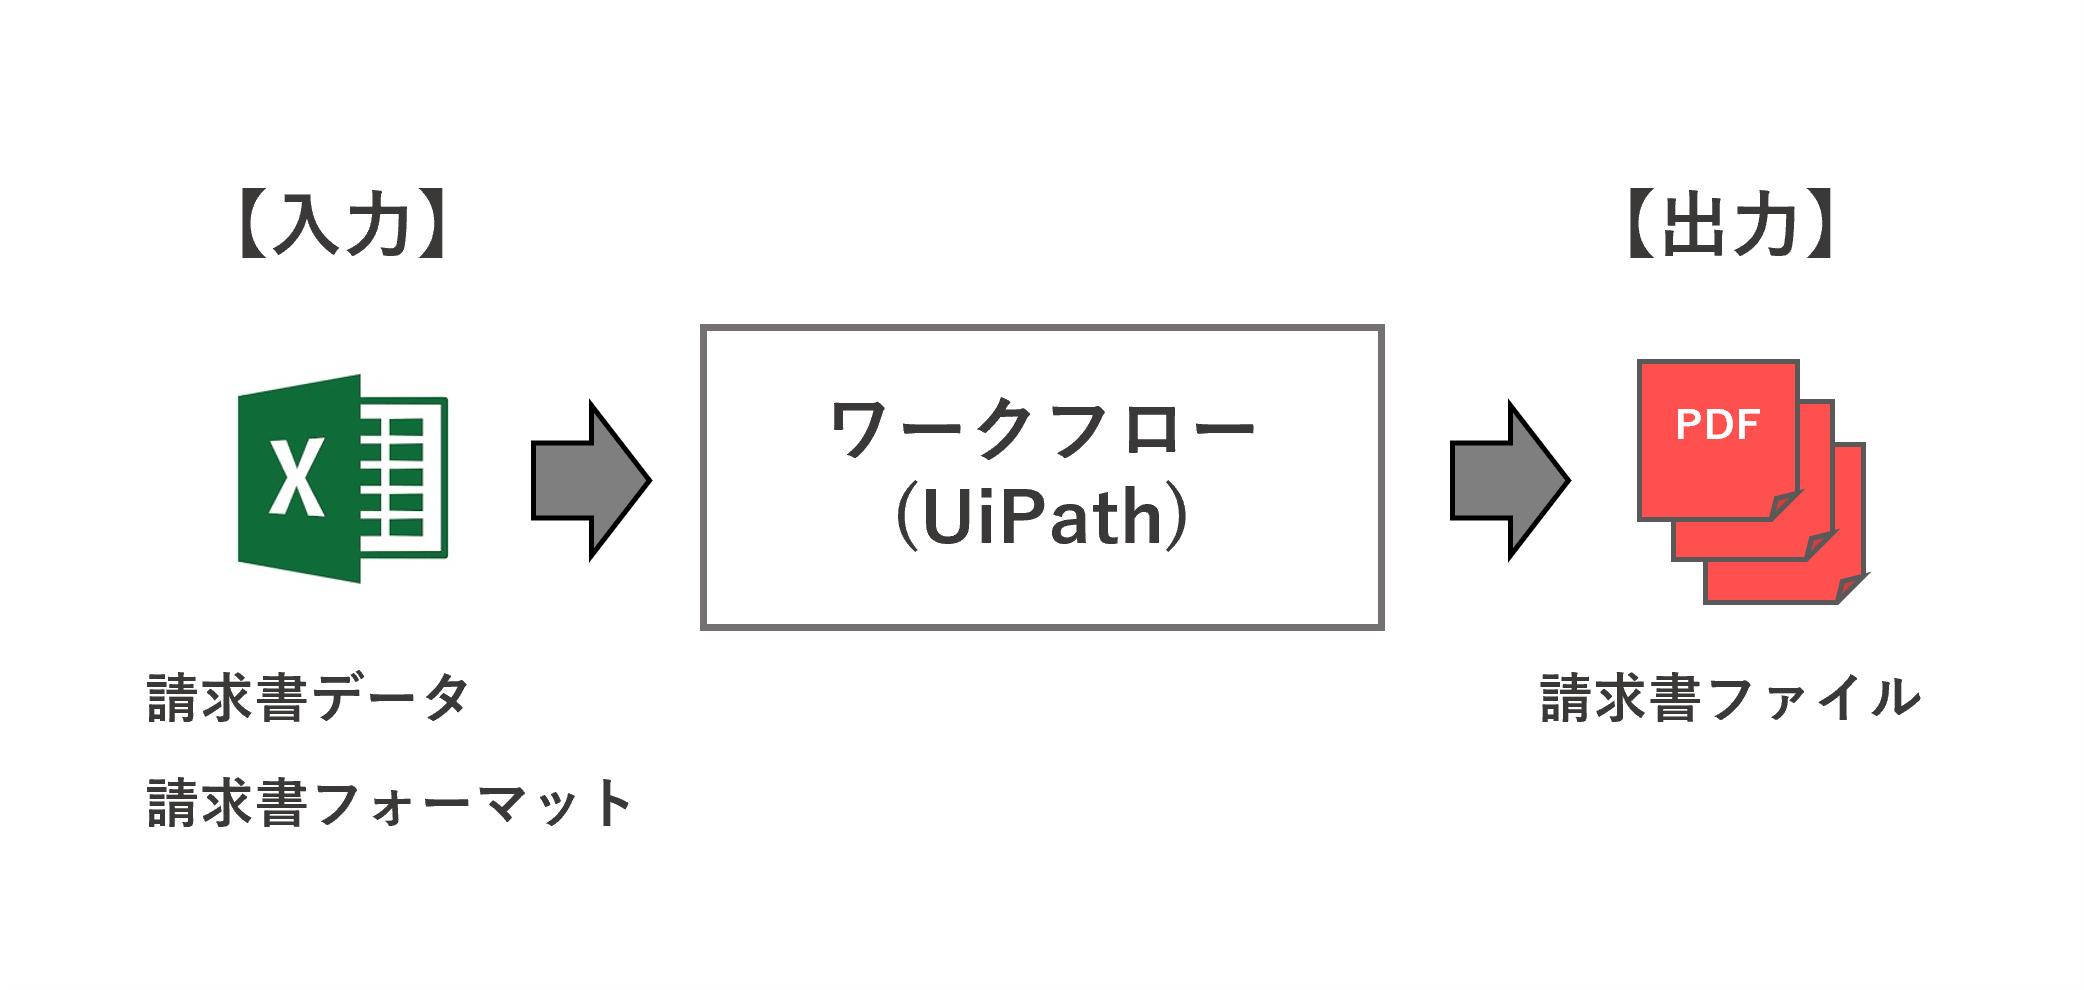 I/O design